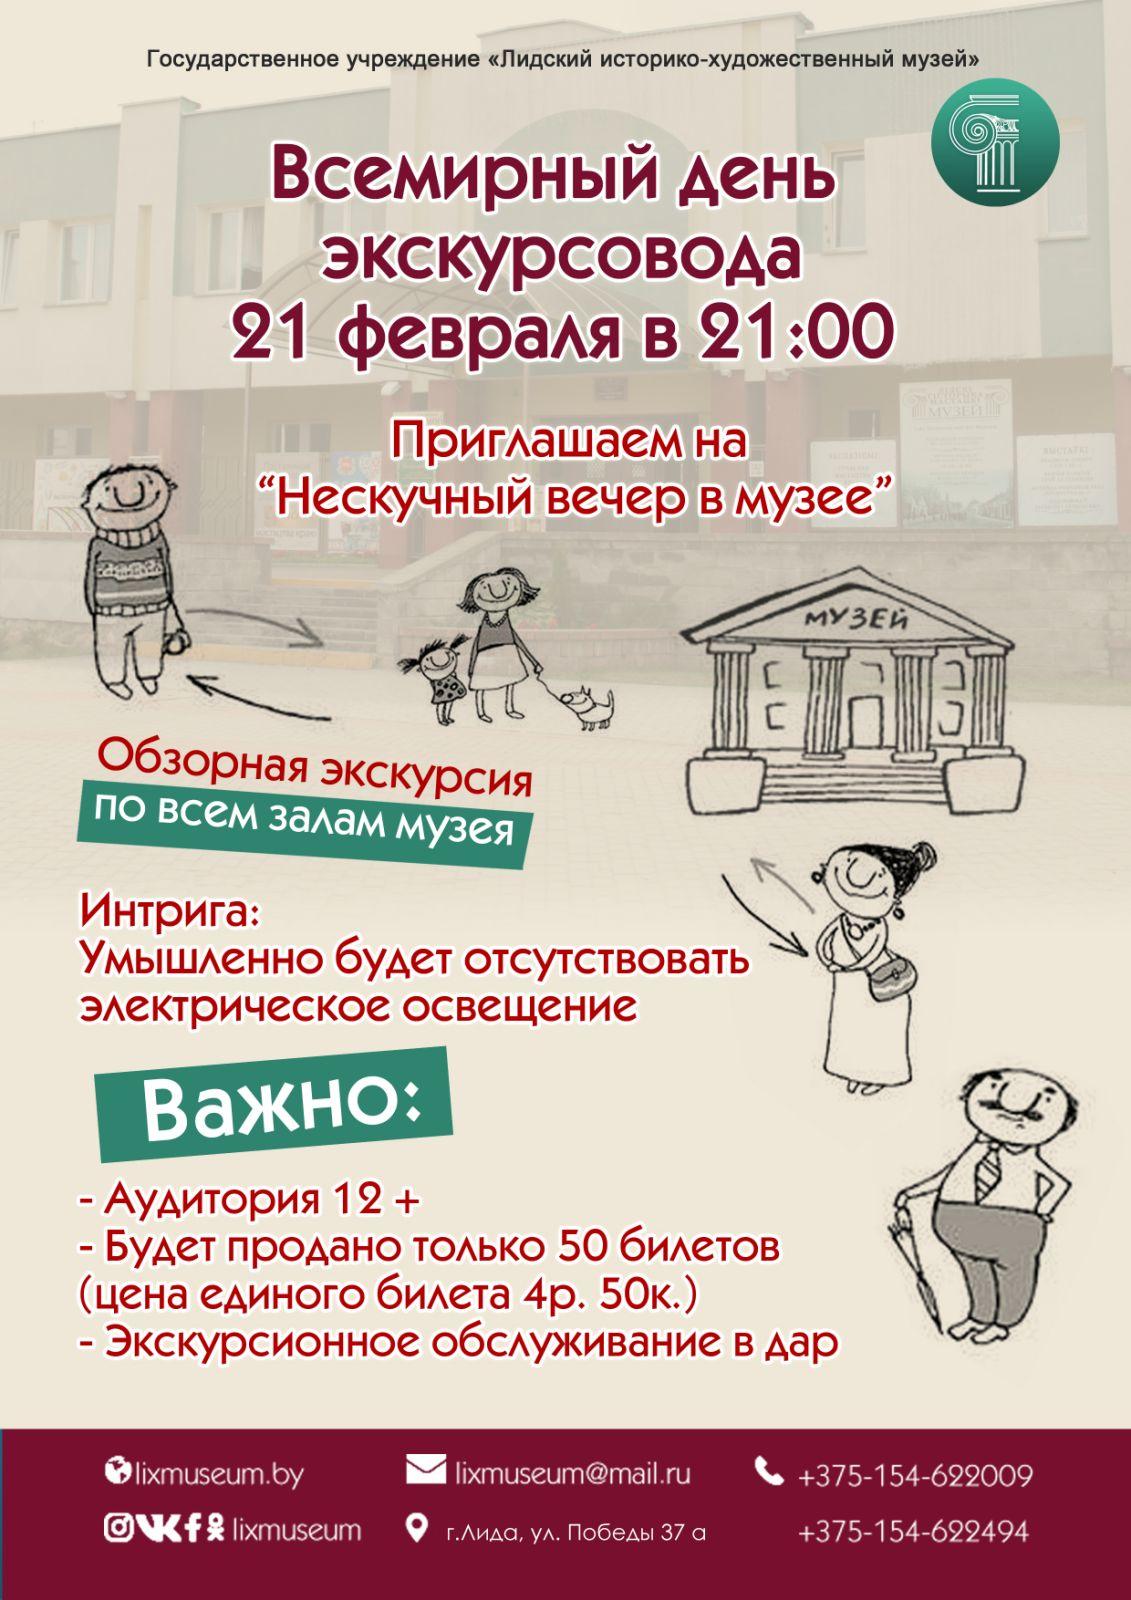 Лидчан приглашают прийти на «Нескучный вечер в музее».